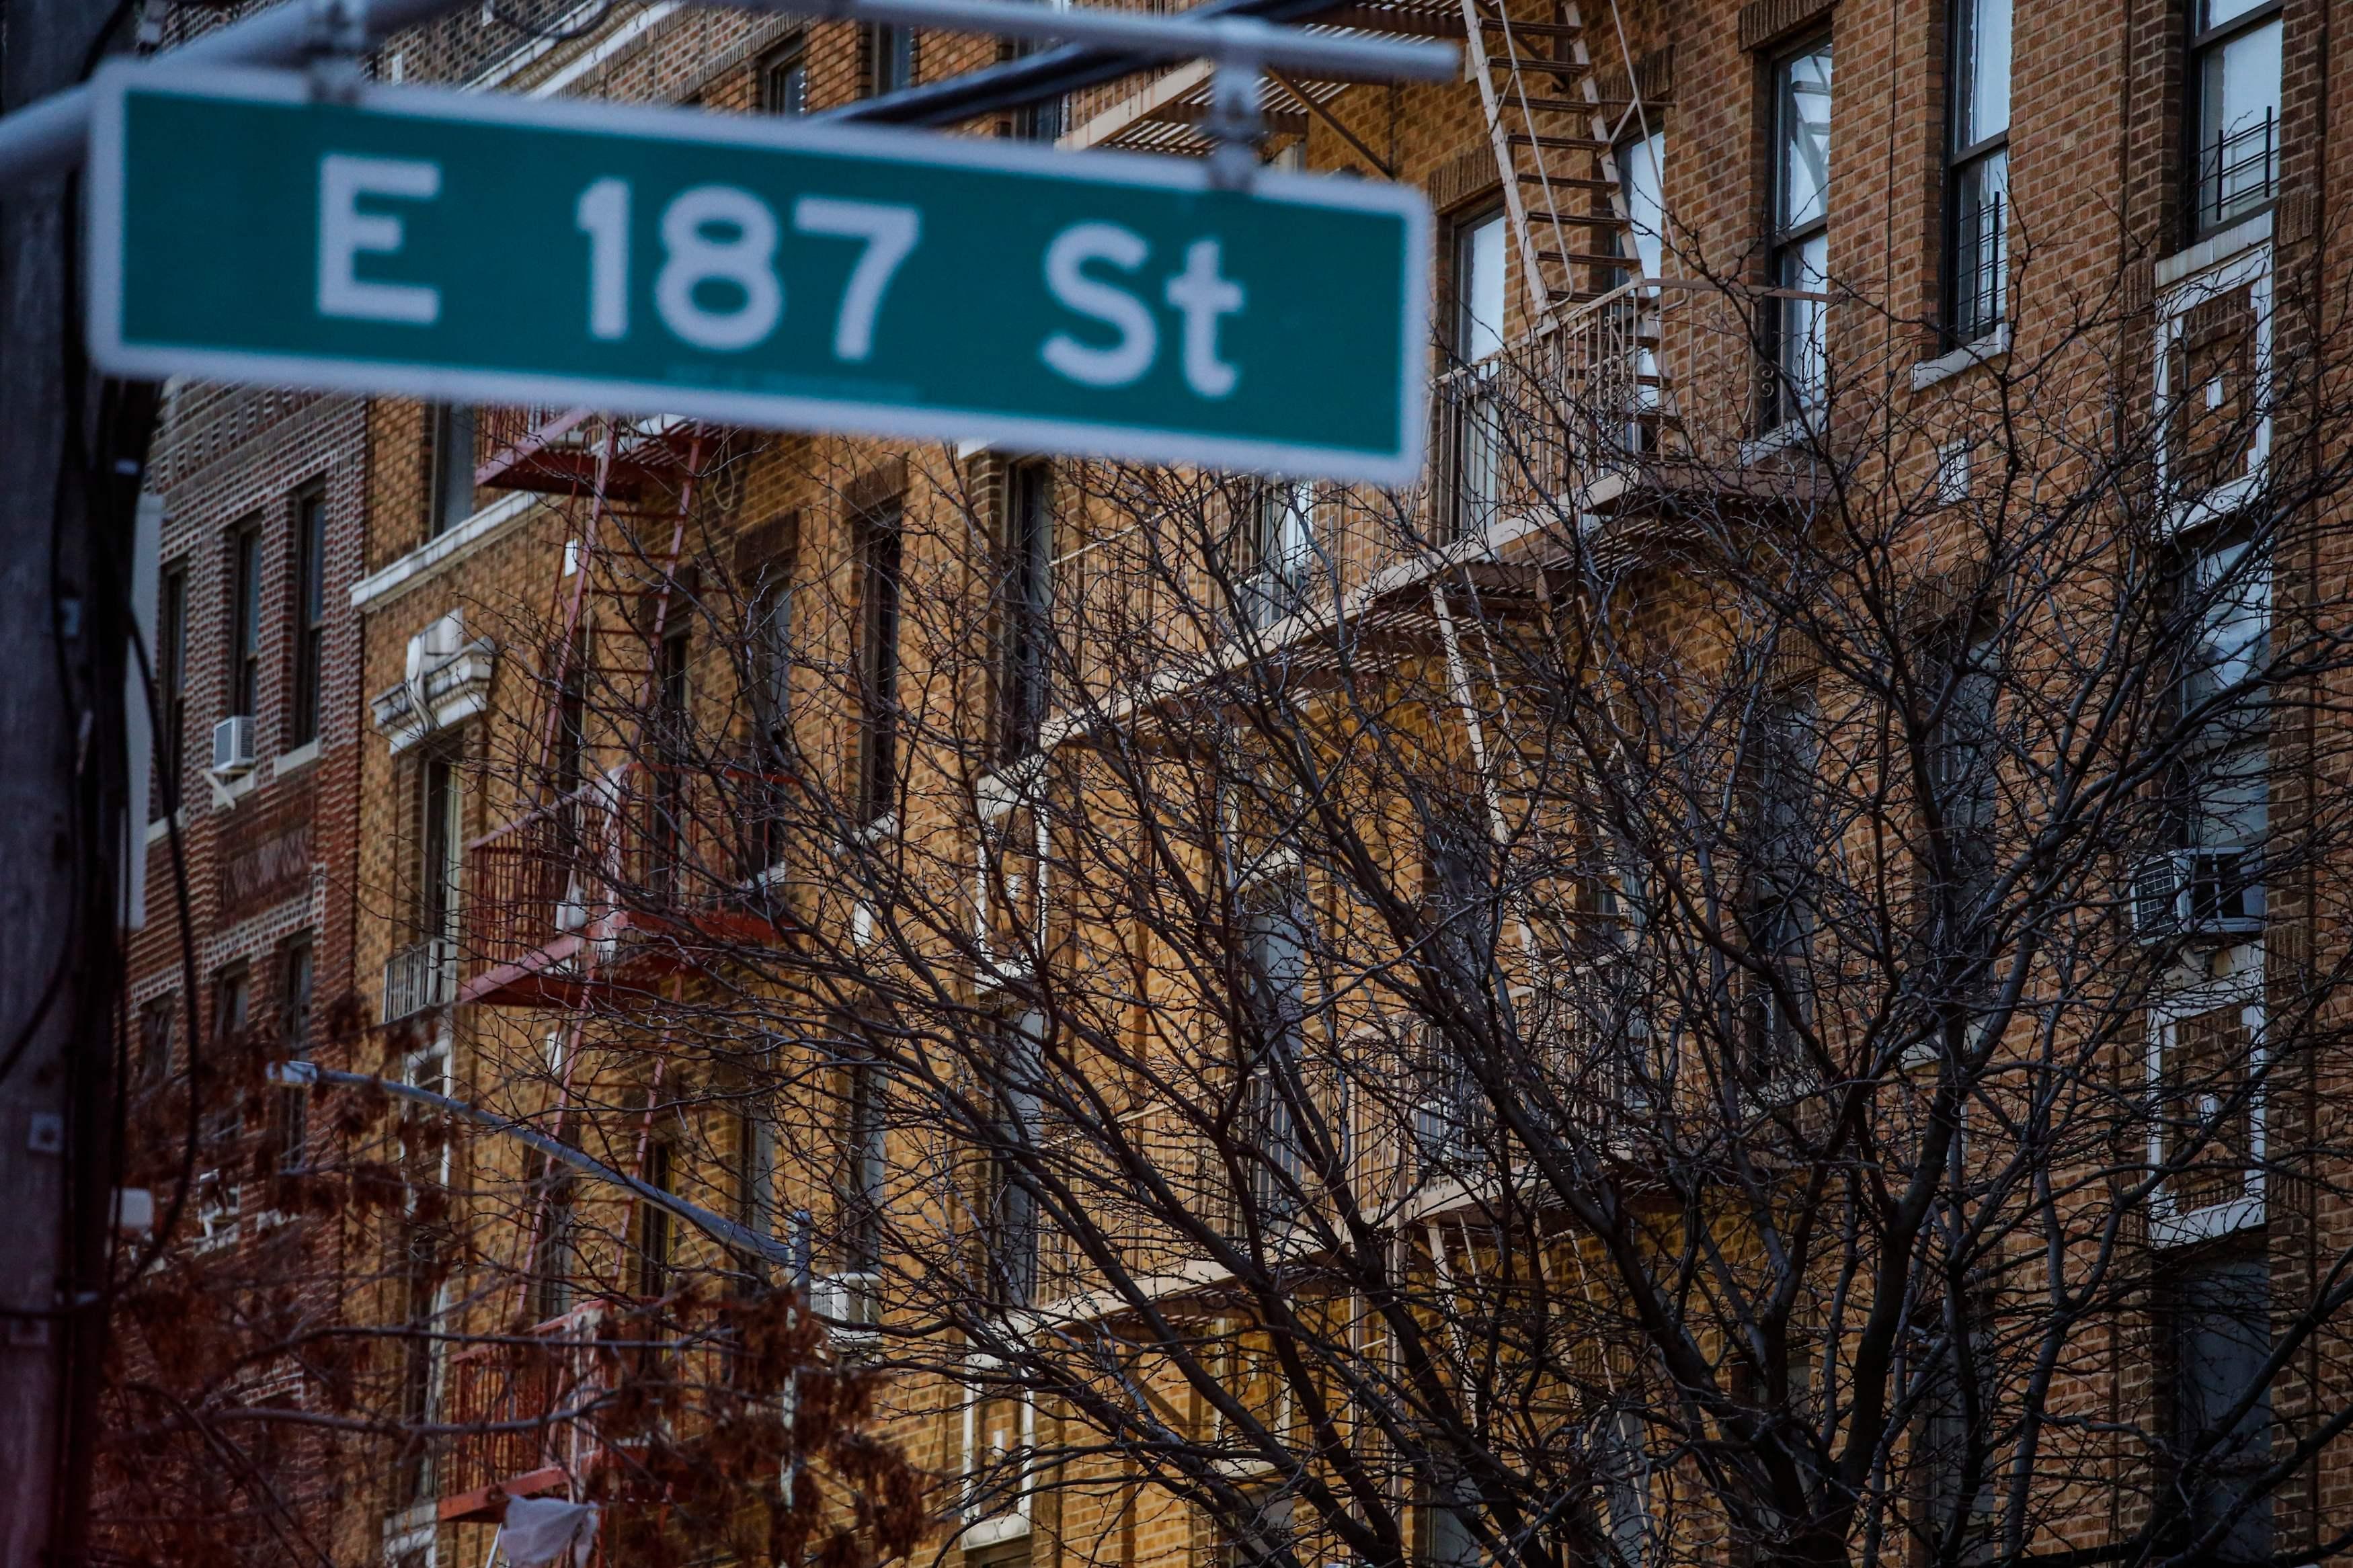 Doze mortos em incêndio em prédio de Nova Iorque